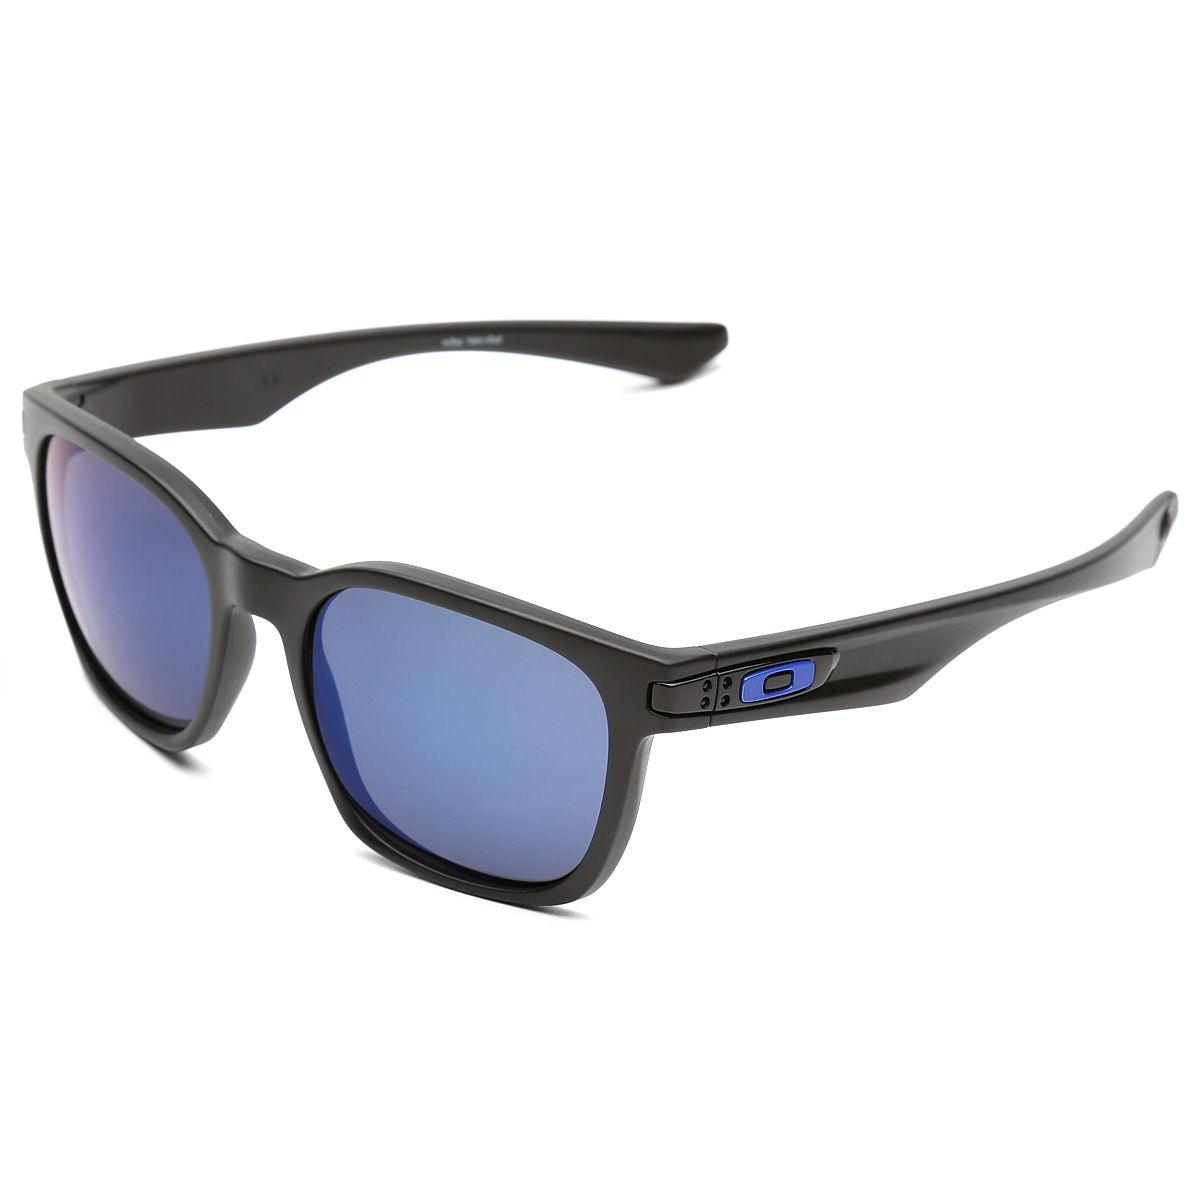 Óculos Oakley Garage Rock - Polarizado Azul e Preto   Netshoes Óculos  Masculino, Netshoes, fcbfc37d3b